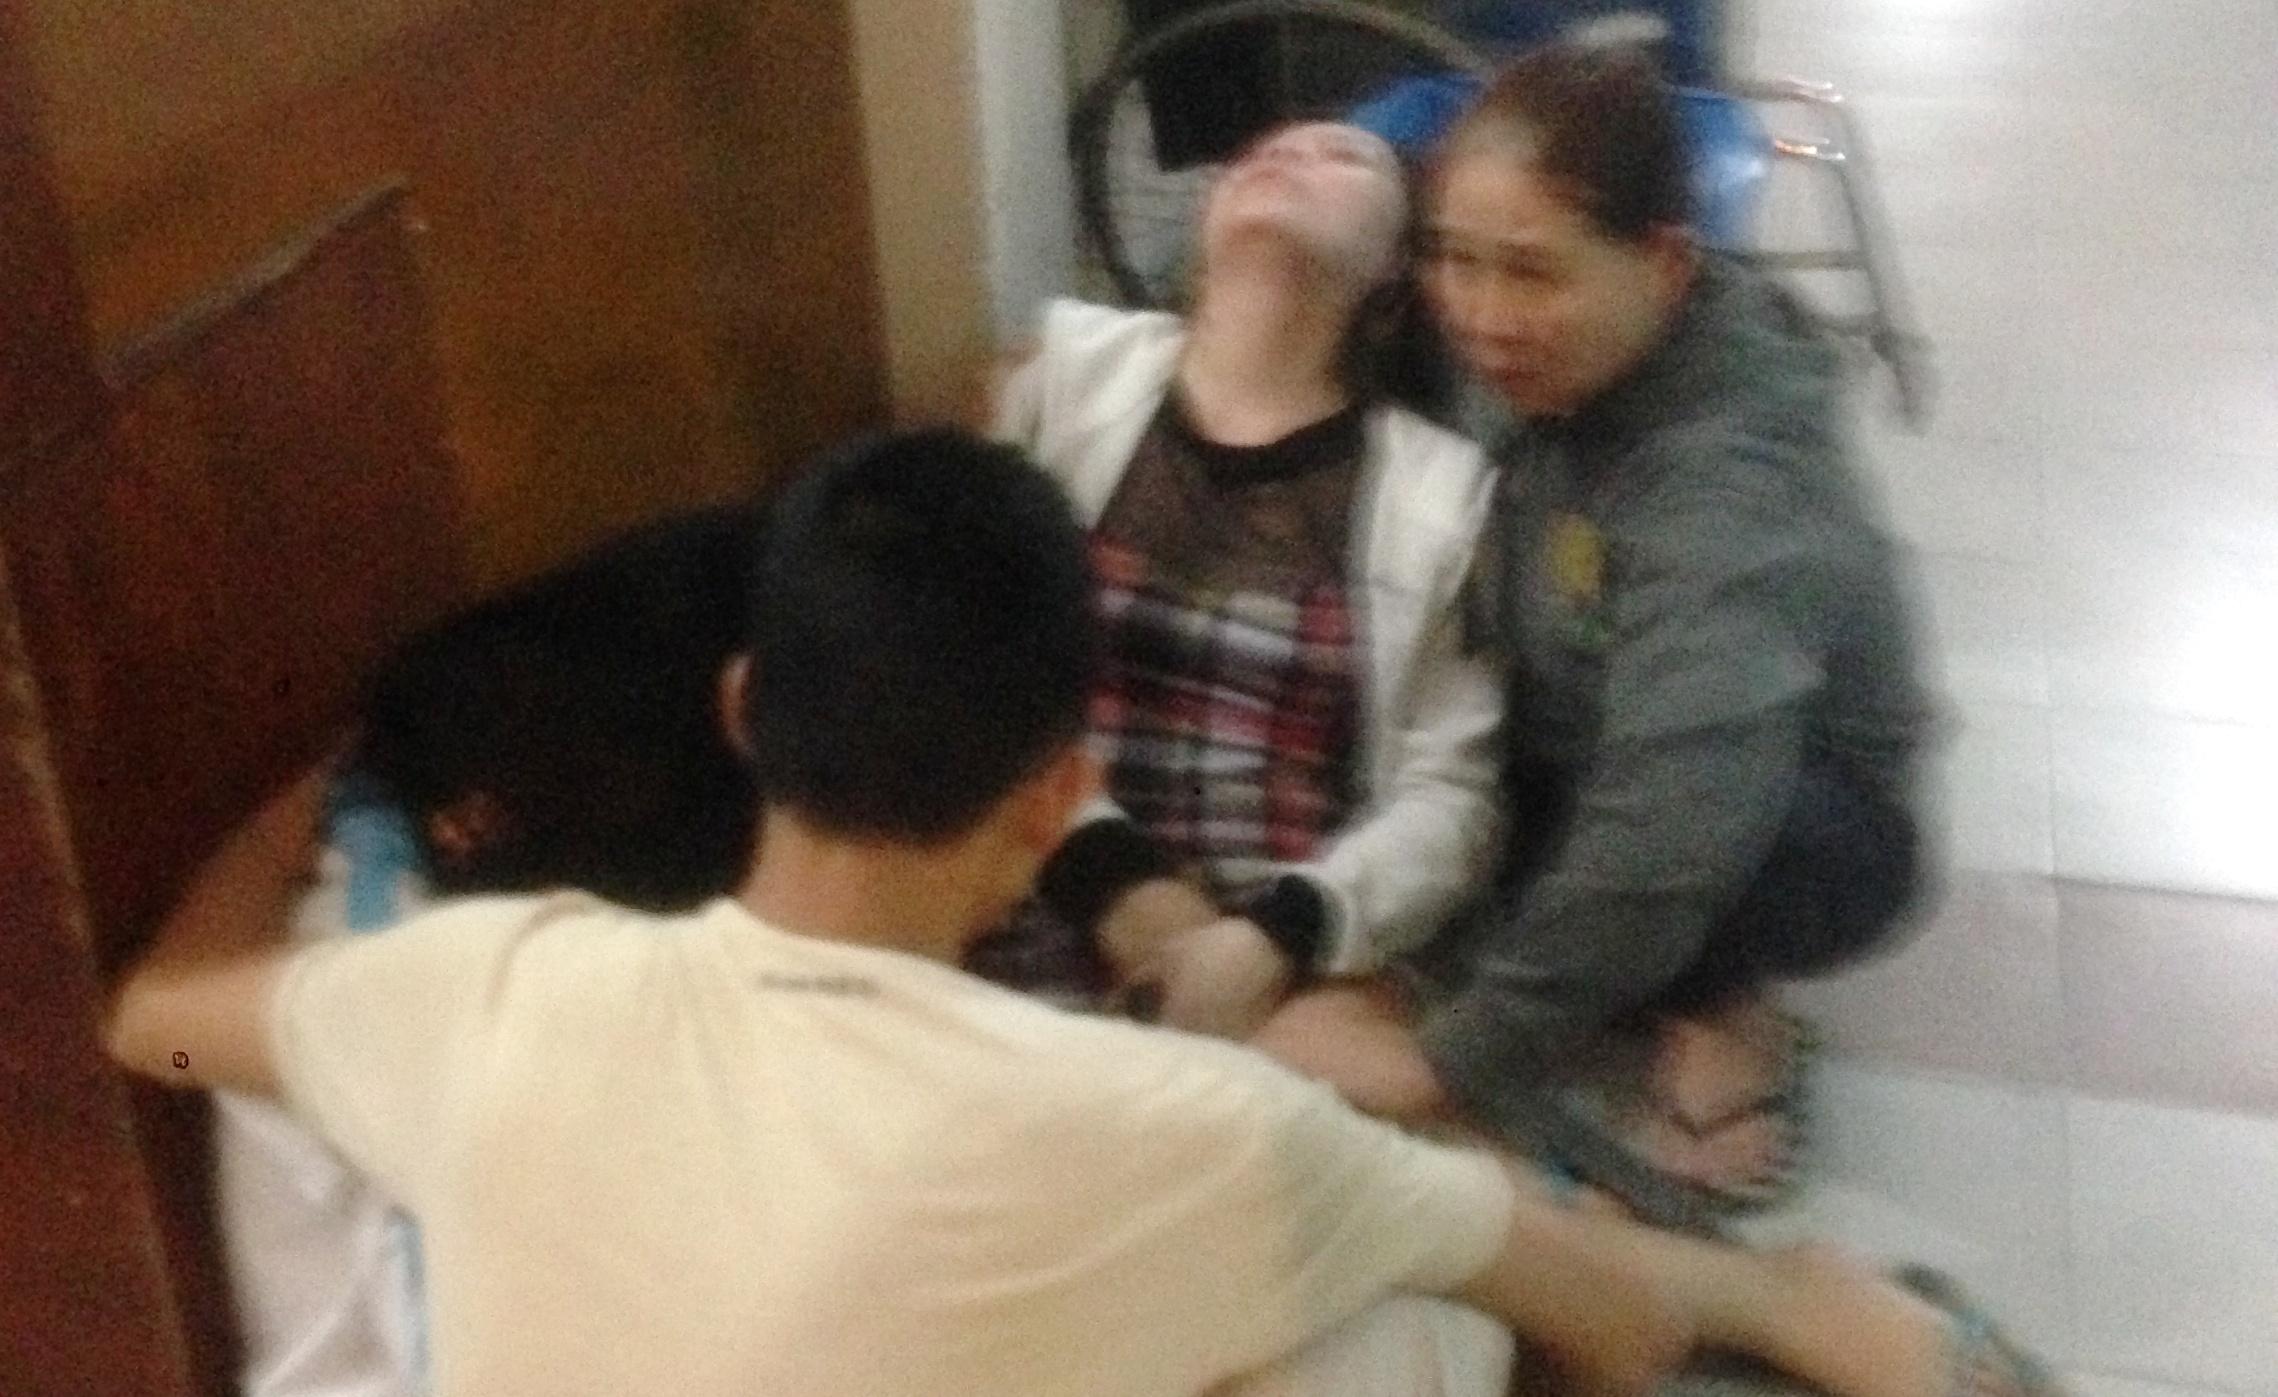 Dù được các bác sĩ nỗ lực cứu chữa nhưng cháu bé không qua khỏi vì chấn thương quá nặng.